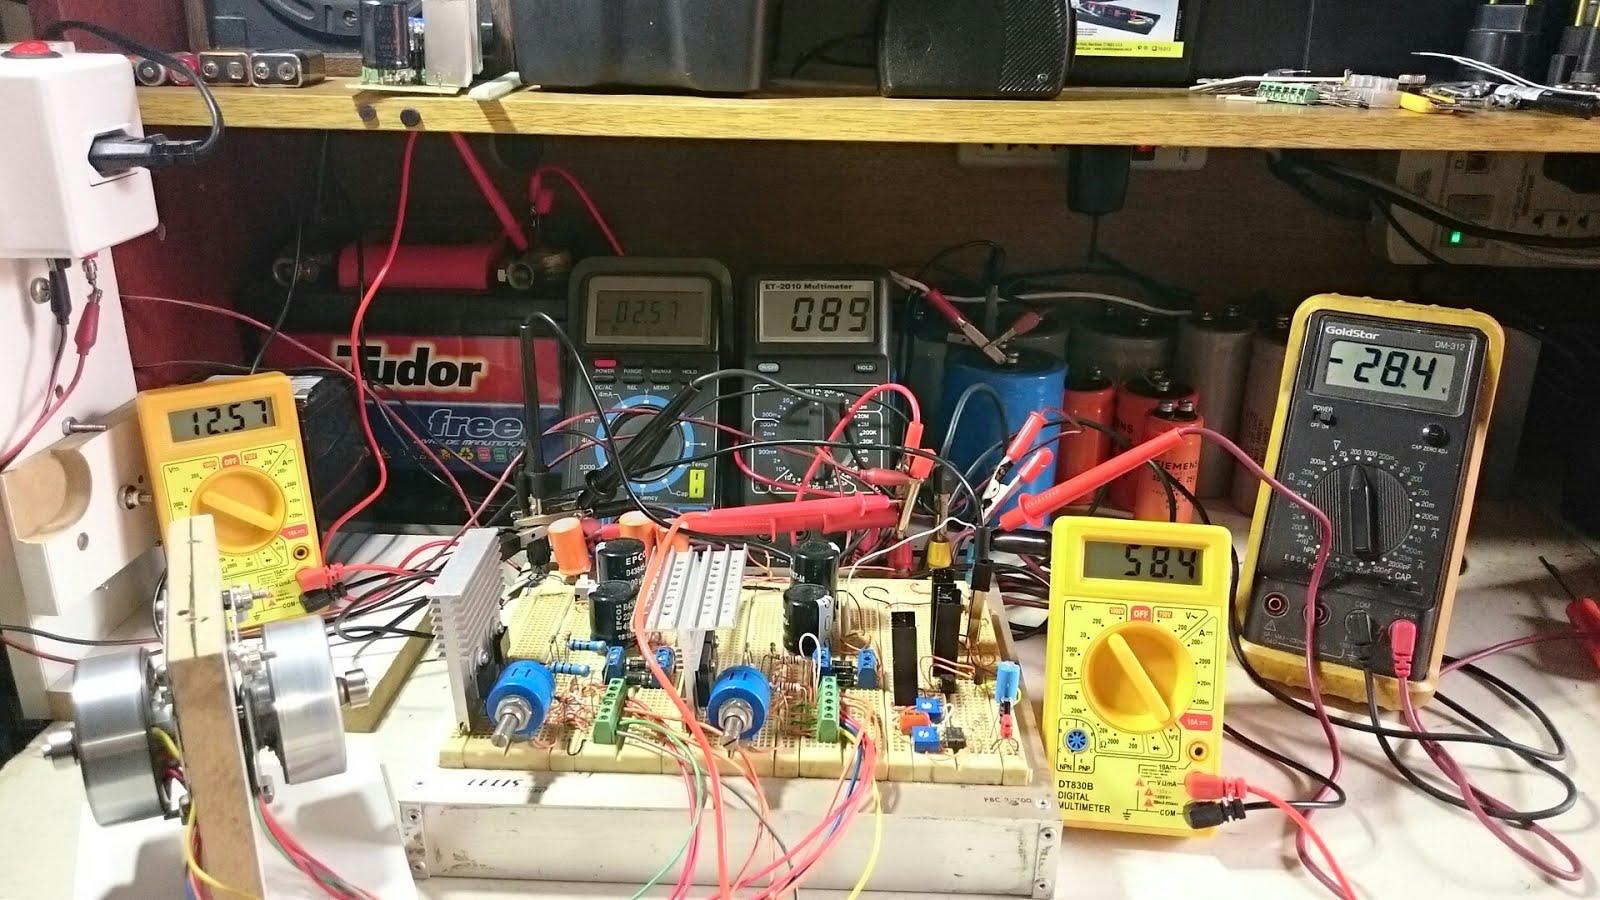 3a7a3287e15 Podemos visualizar na figura abaixo o esquema elétrico do gerador de tensão  positiva deste projeto